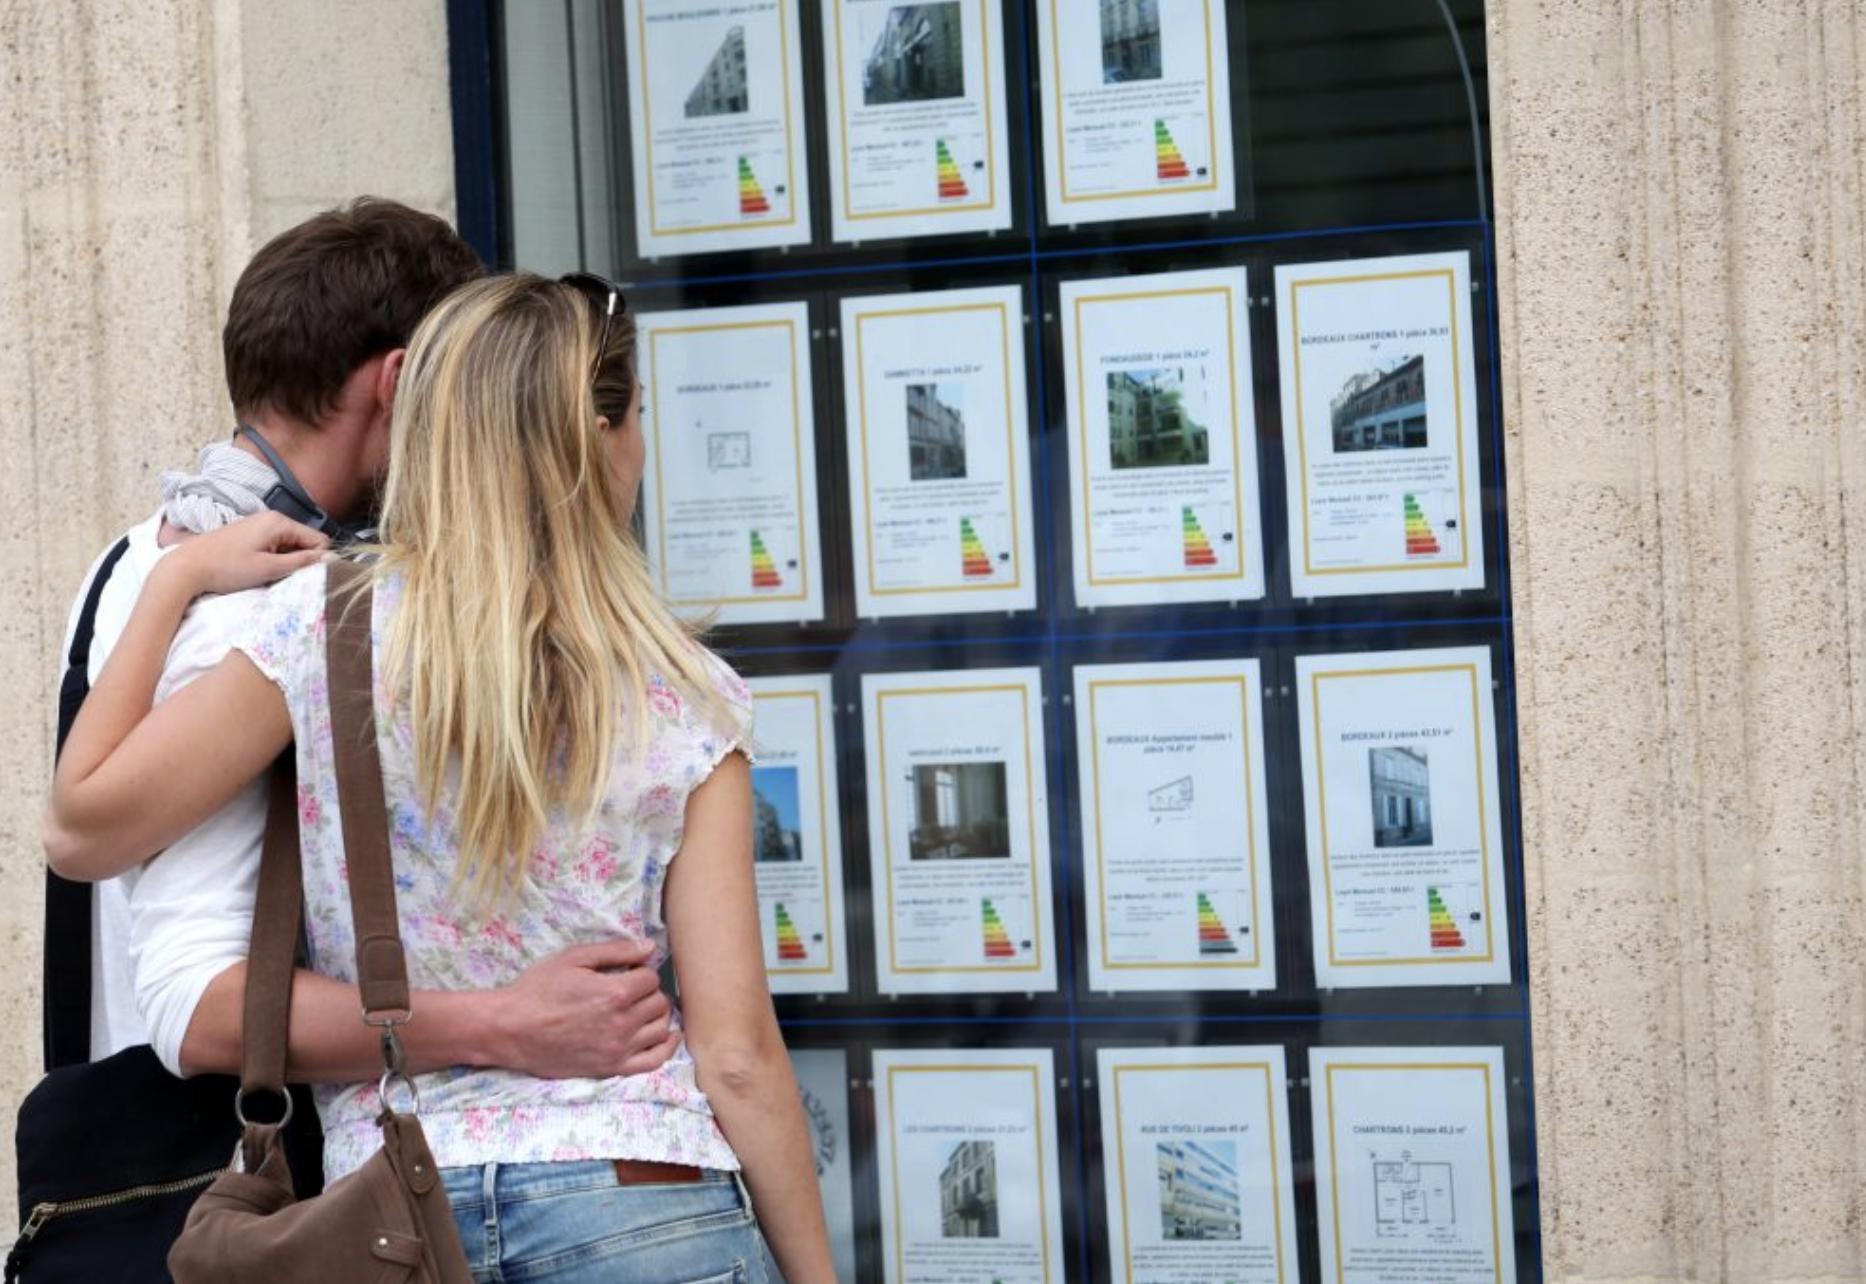 Comment choisir la meilleure agence immobilière pour accompagner son projet immobilier ?